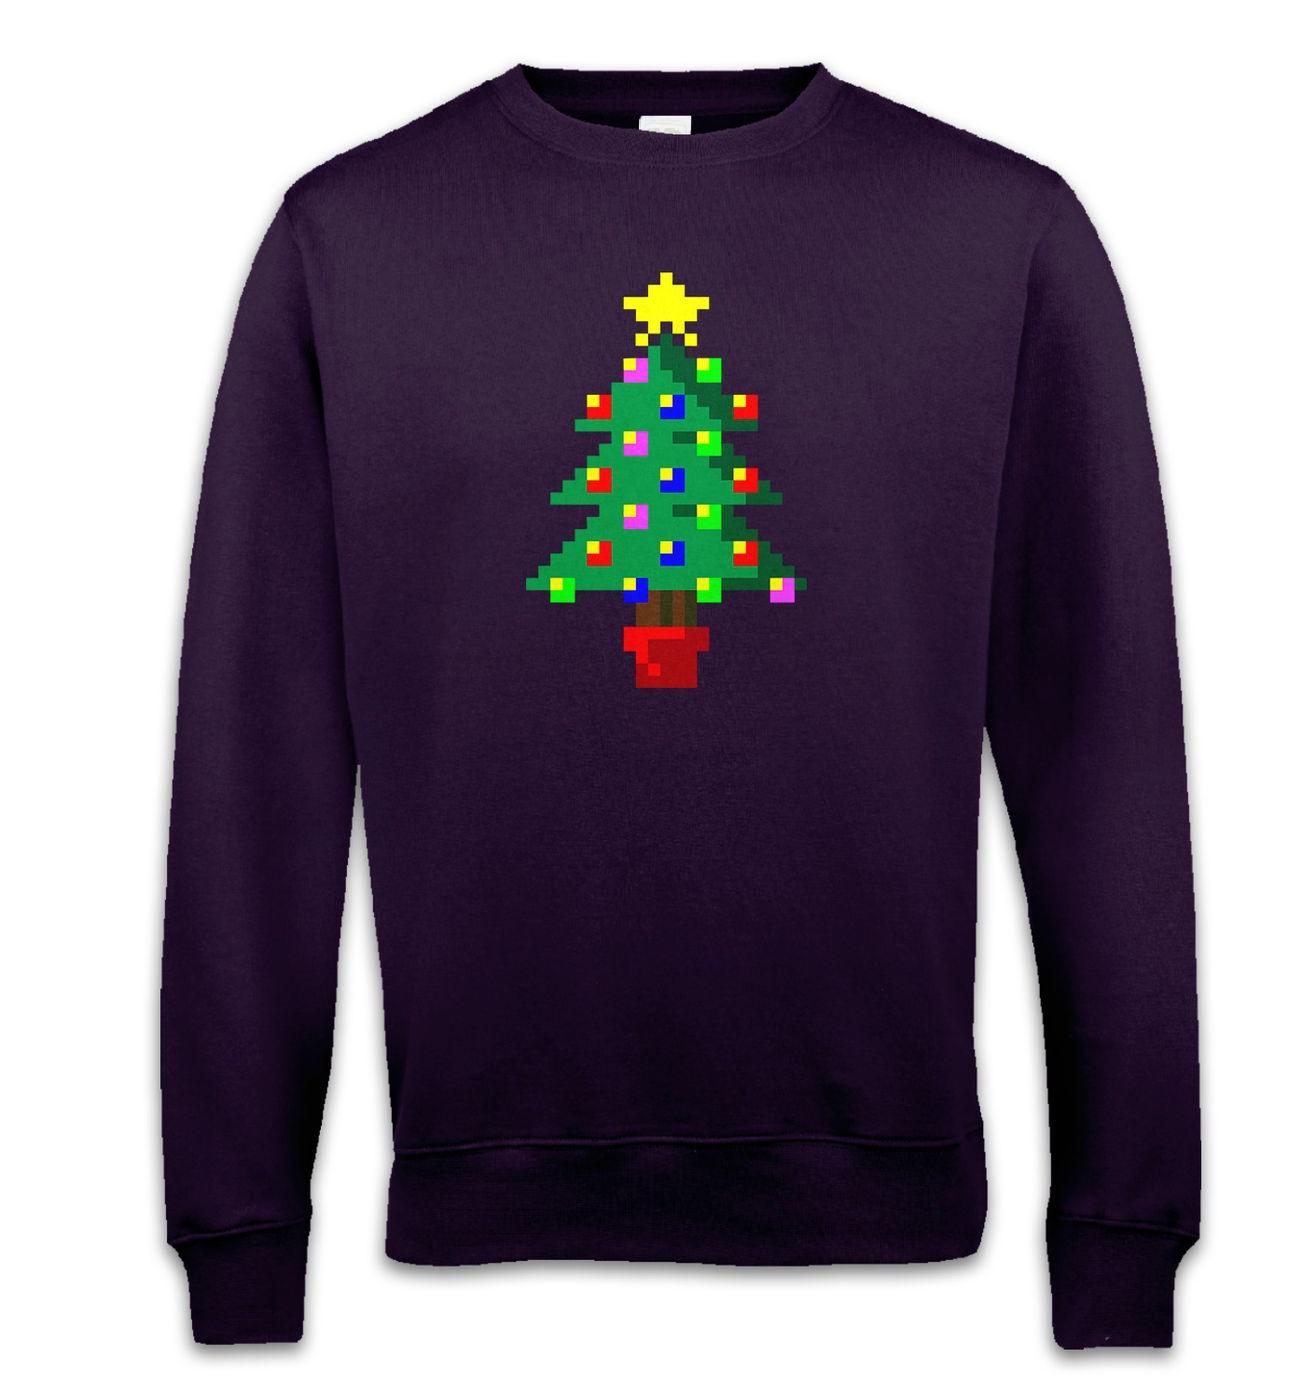 Pixellated Christmas Tree sweatshirt